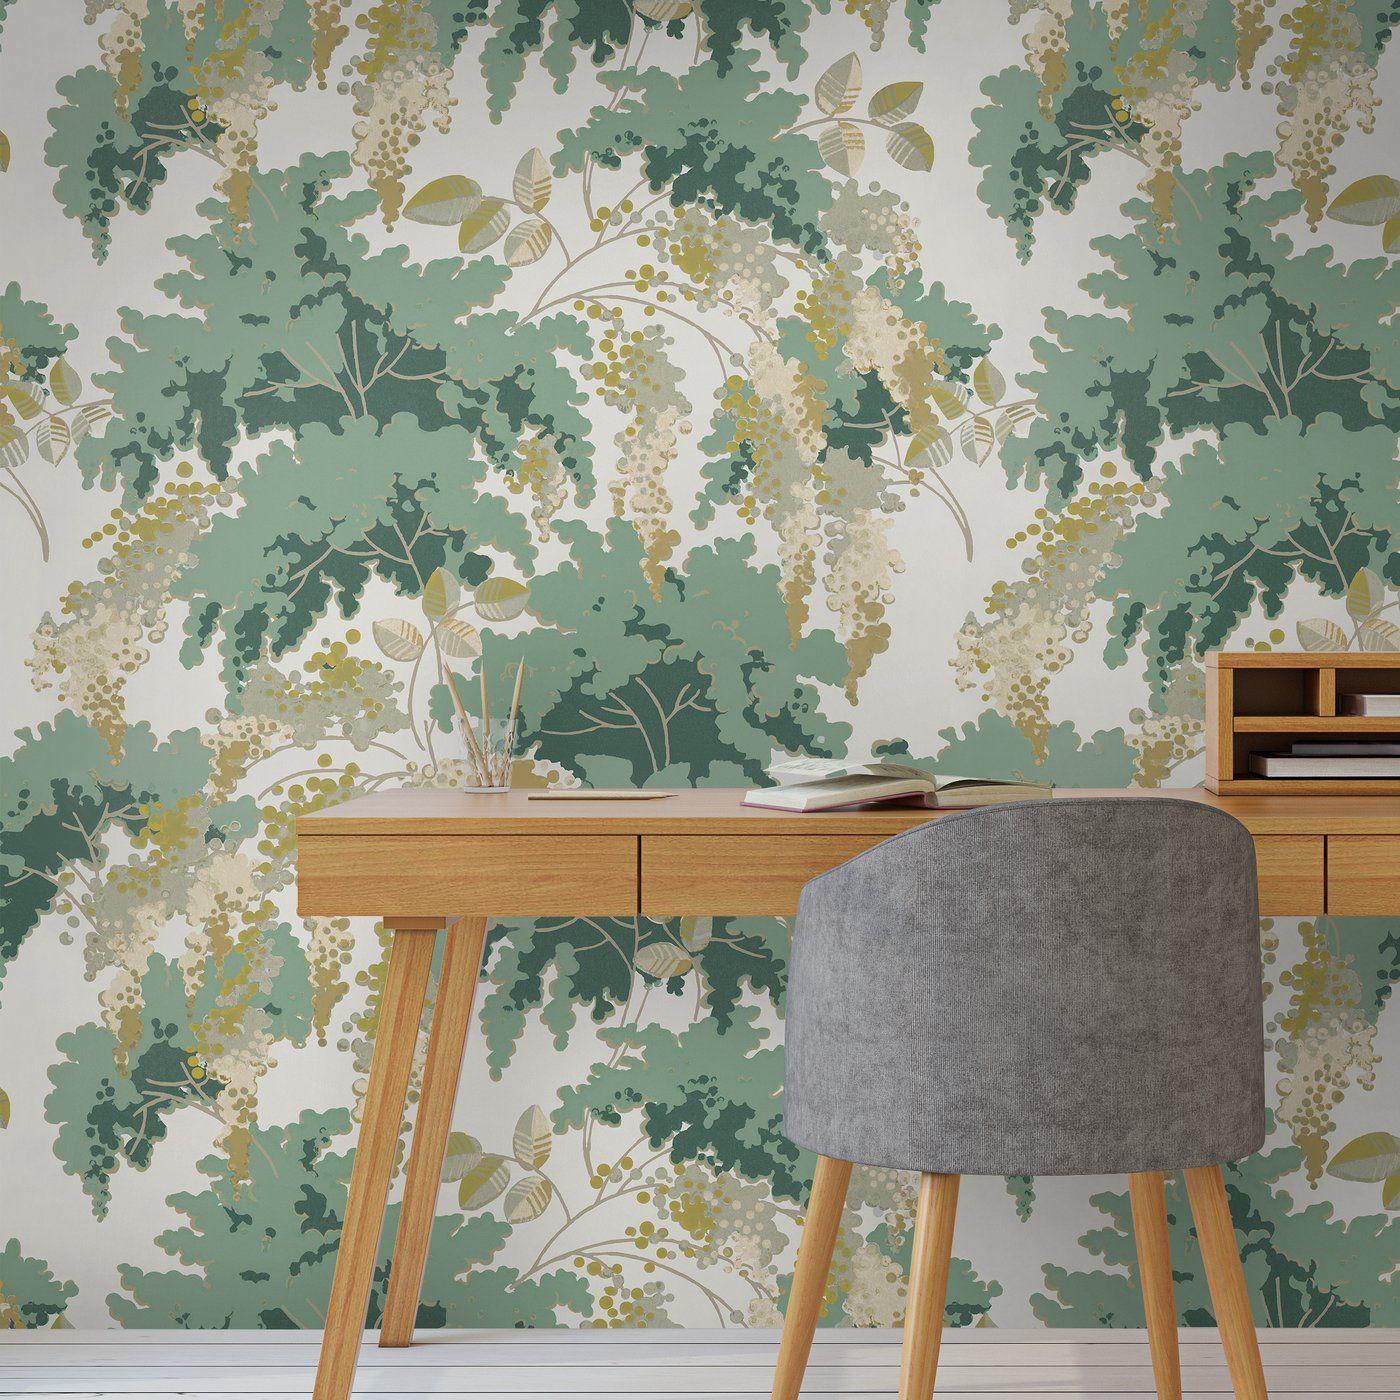 Papier Peint Motif Nature frondaisons | papier peint, papier peint floral et jeux d ombre